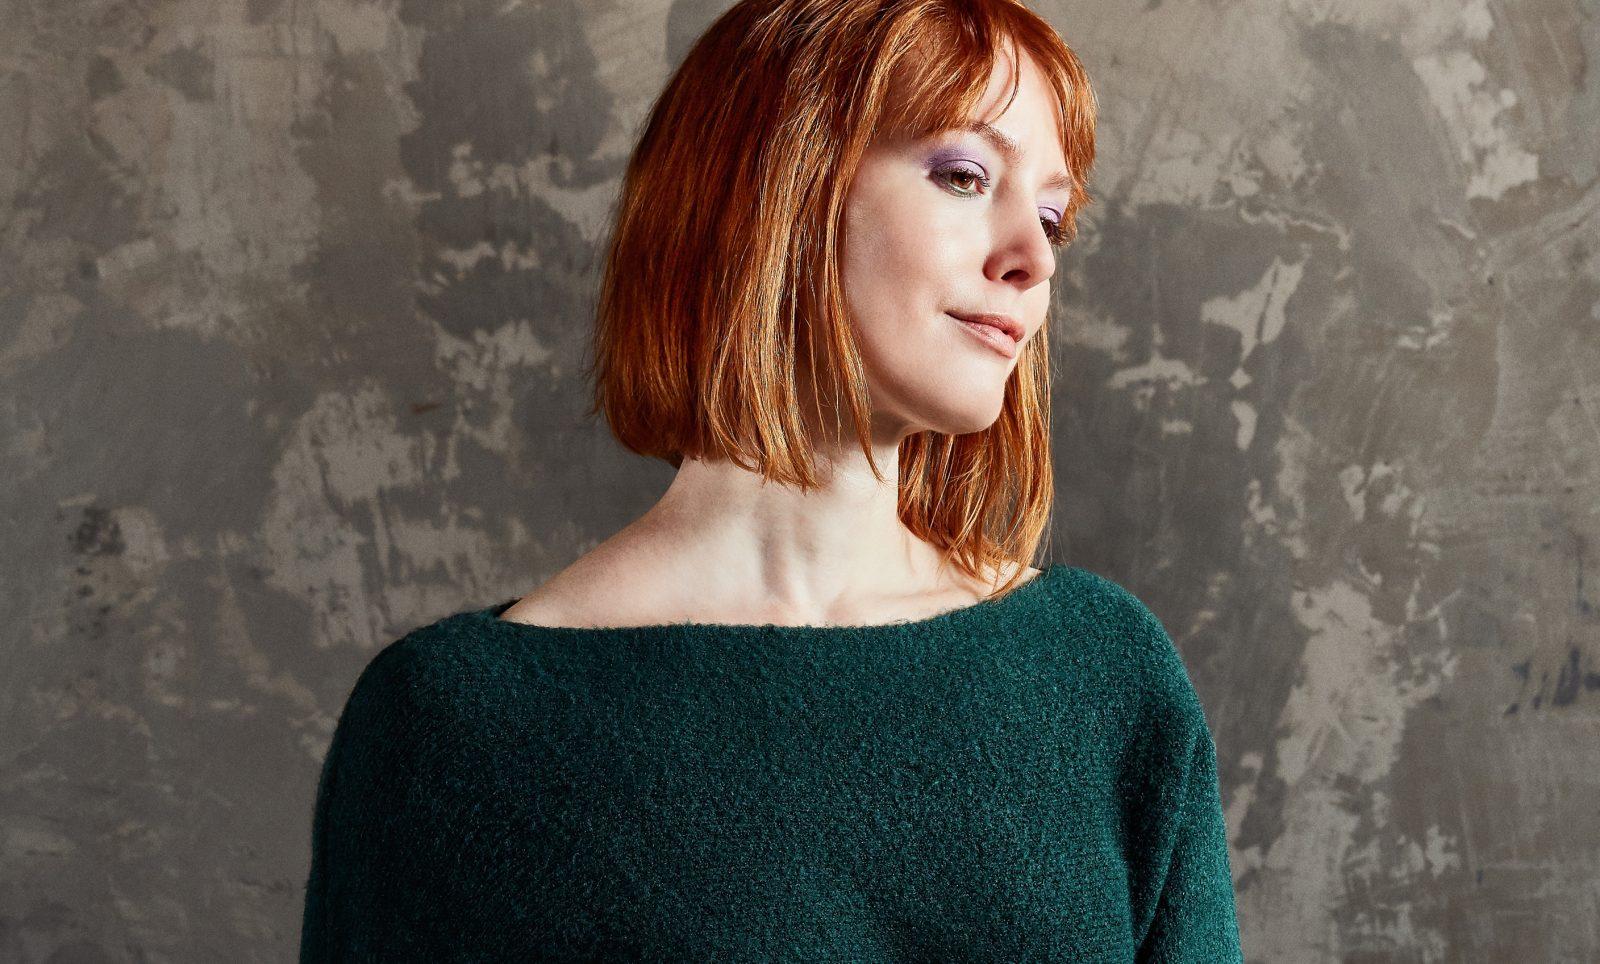 Alicia Witt Feature Photo